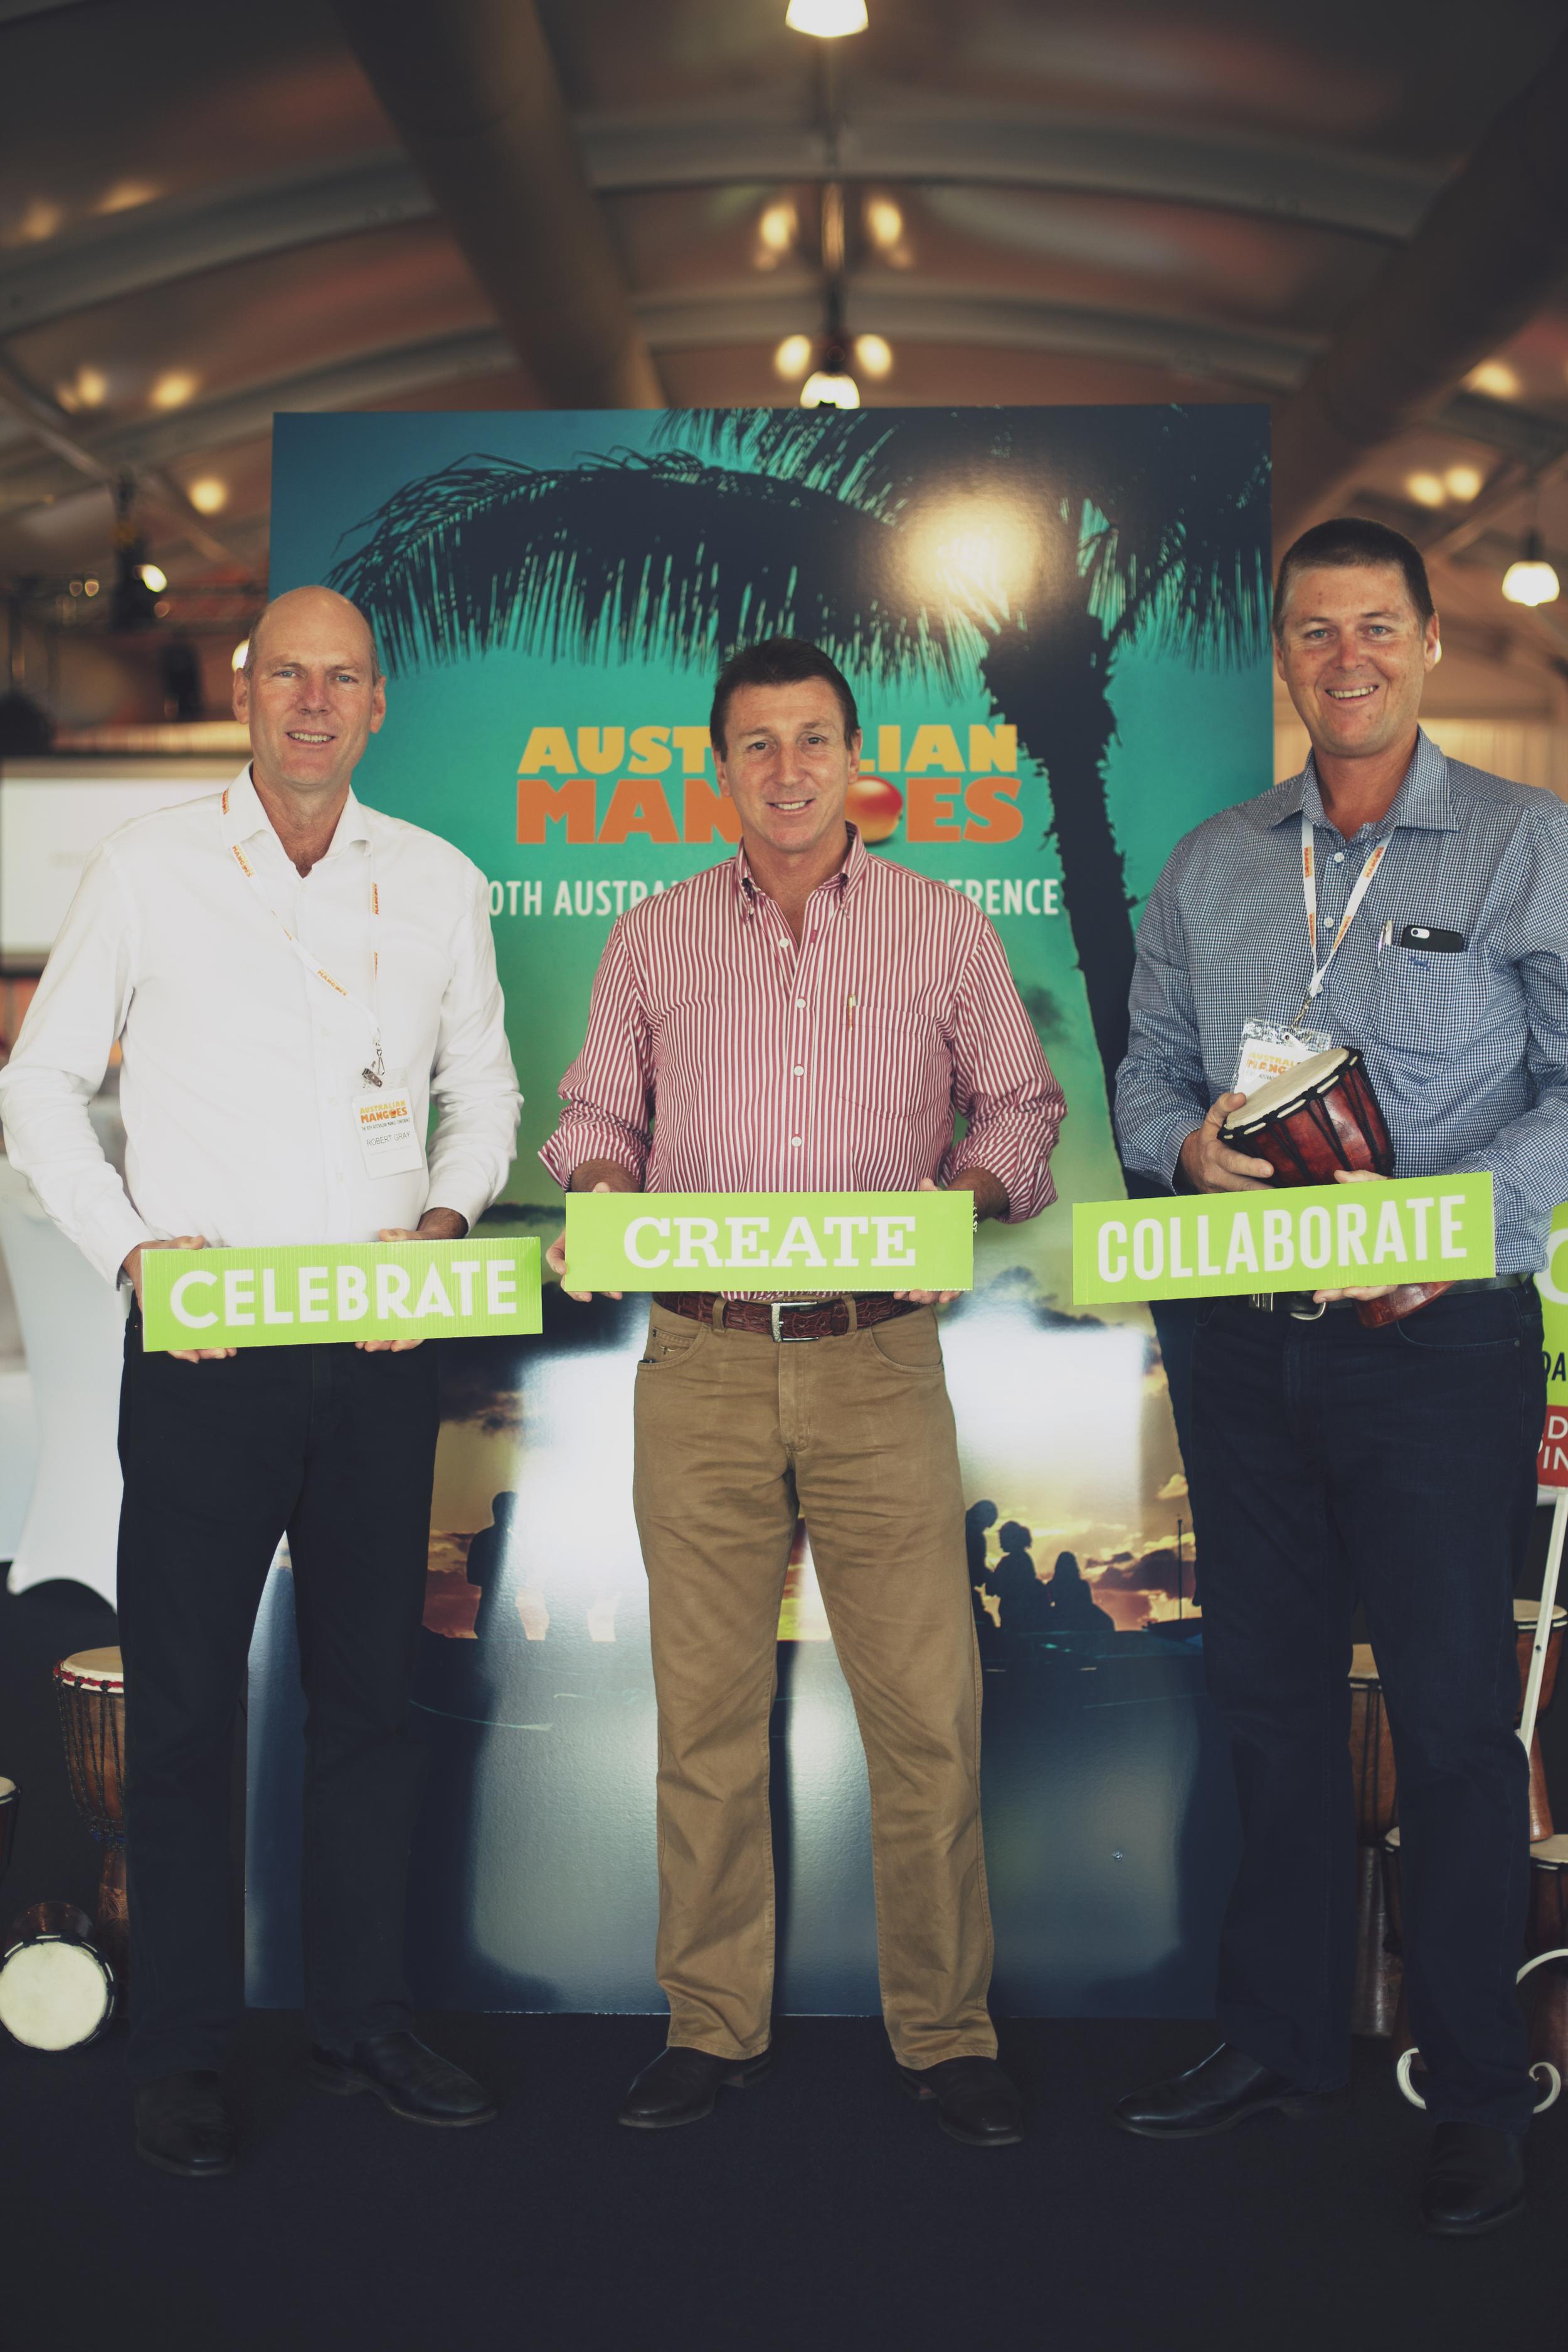 Robert Gray, Willen Westra van Holthe and Gavin Scurr.jpg